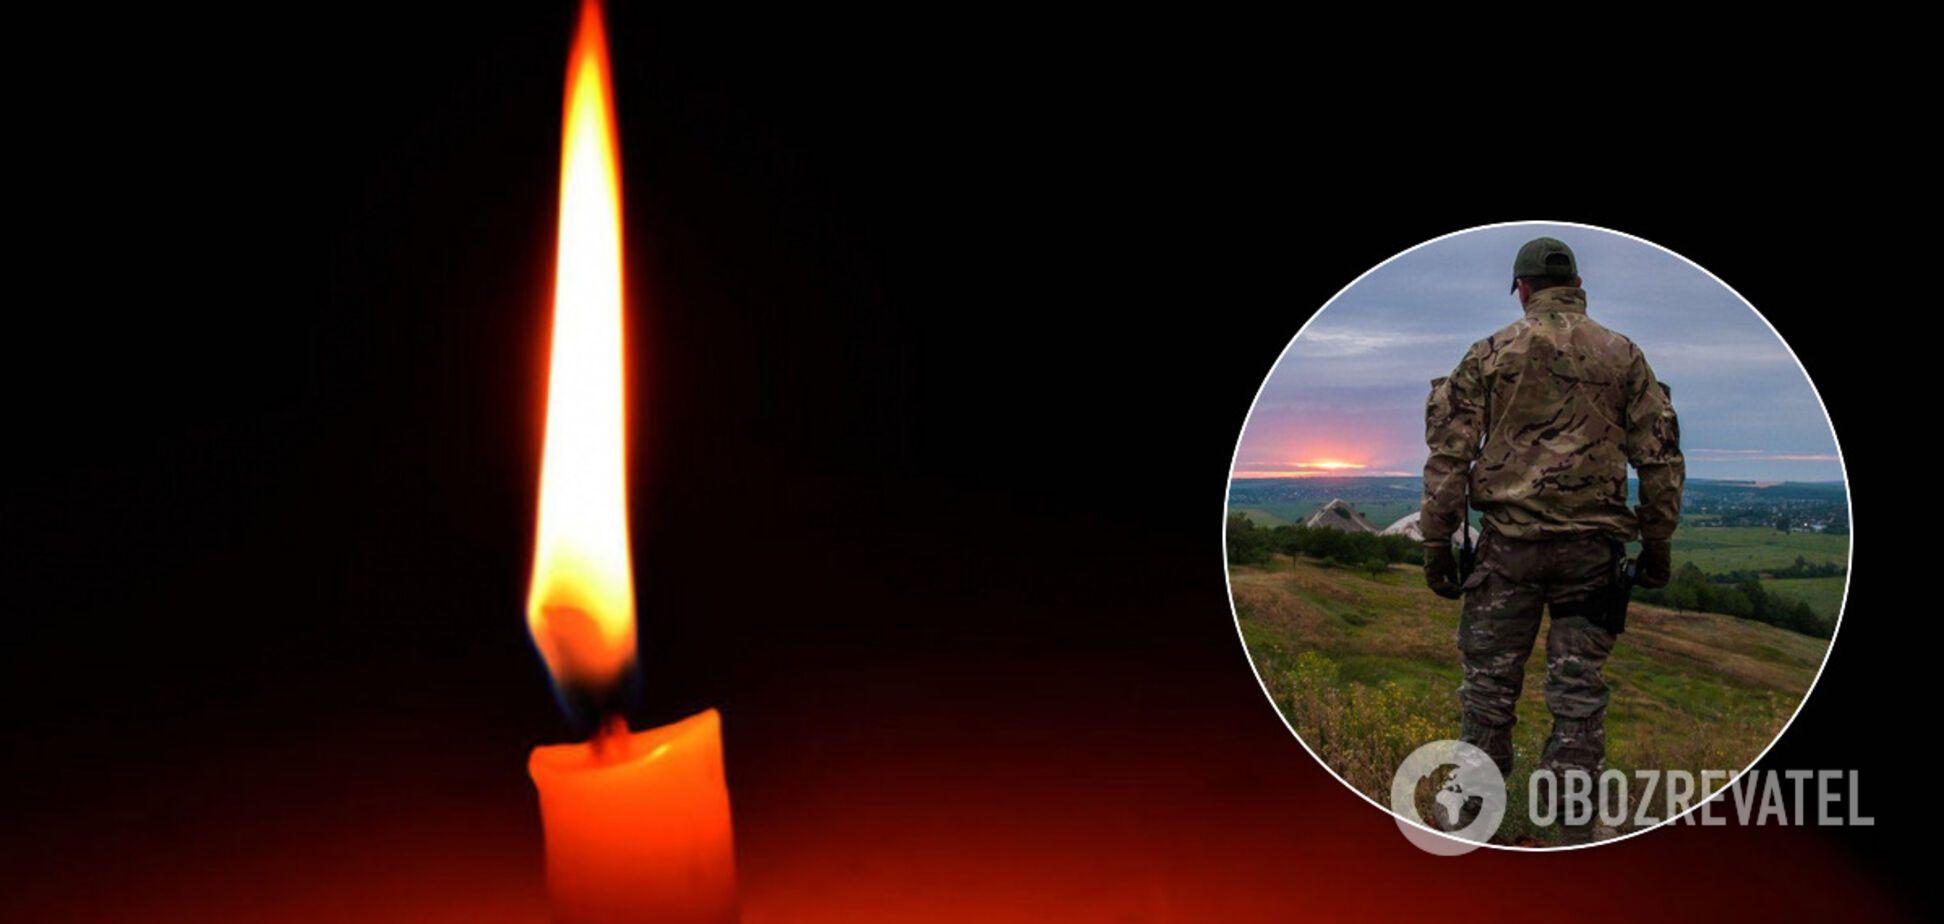 Террористы убили лейтенанта ВСУ на Донбассе: обнародовано имя и фото Героя